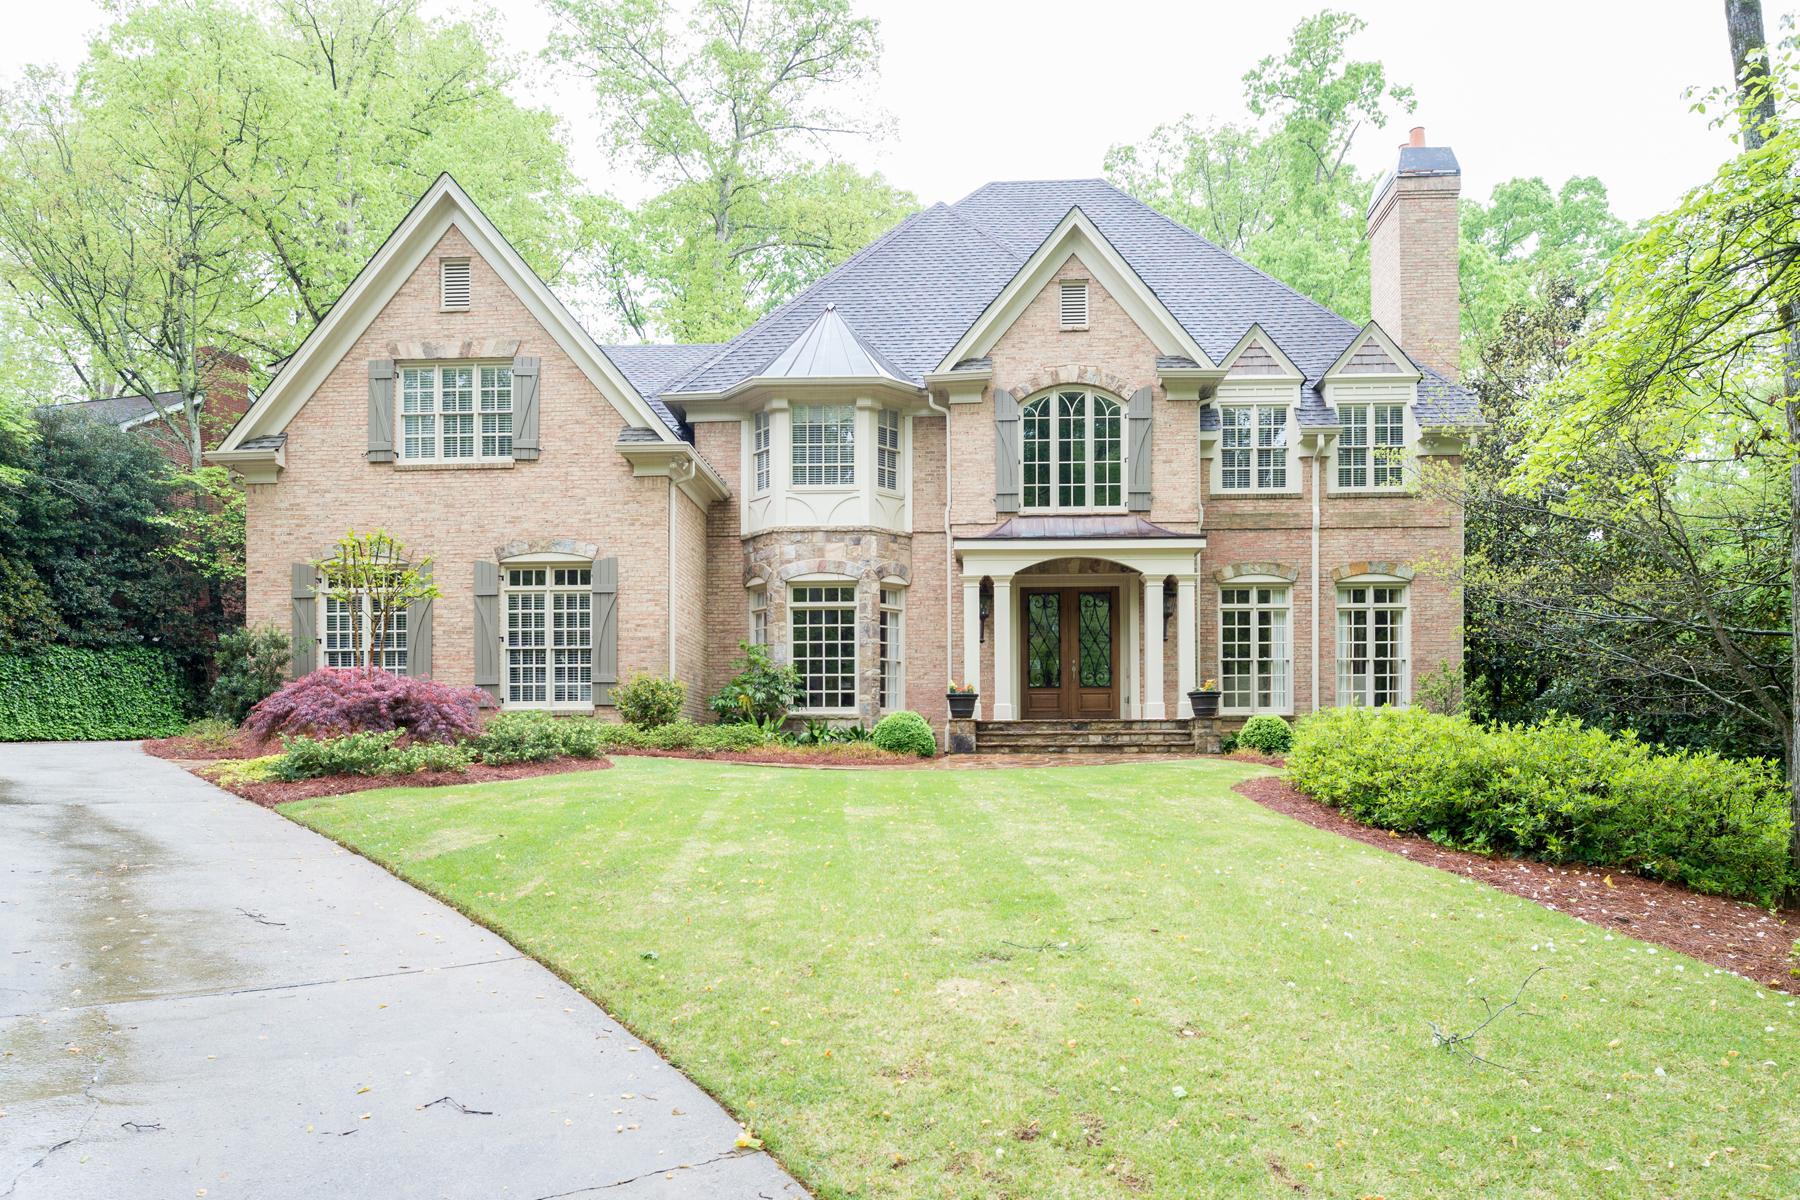 Single Family Home for Sale at A Tuxedo Park Classic 114 Blackland Road Buckhead, Atlanta, Georgia 30342 United States